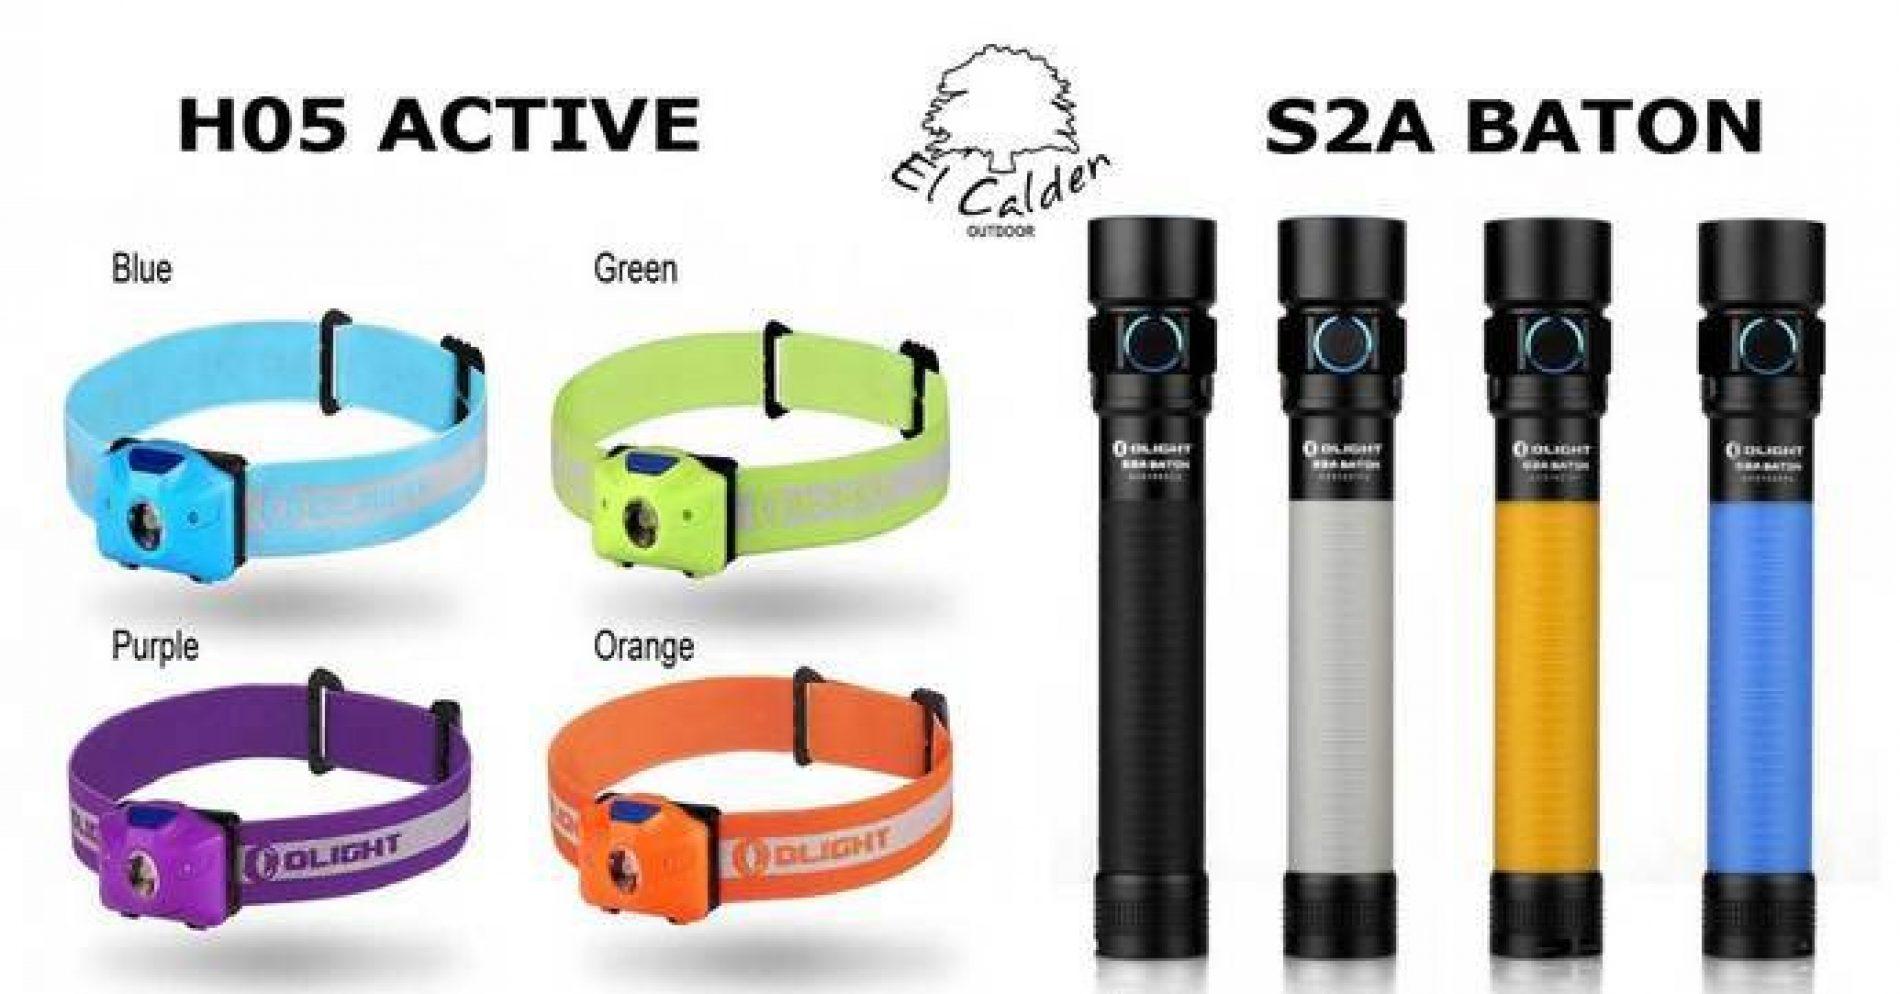 Olight lanza dos nuevas linternas la H05 Active y la S2A